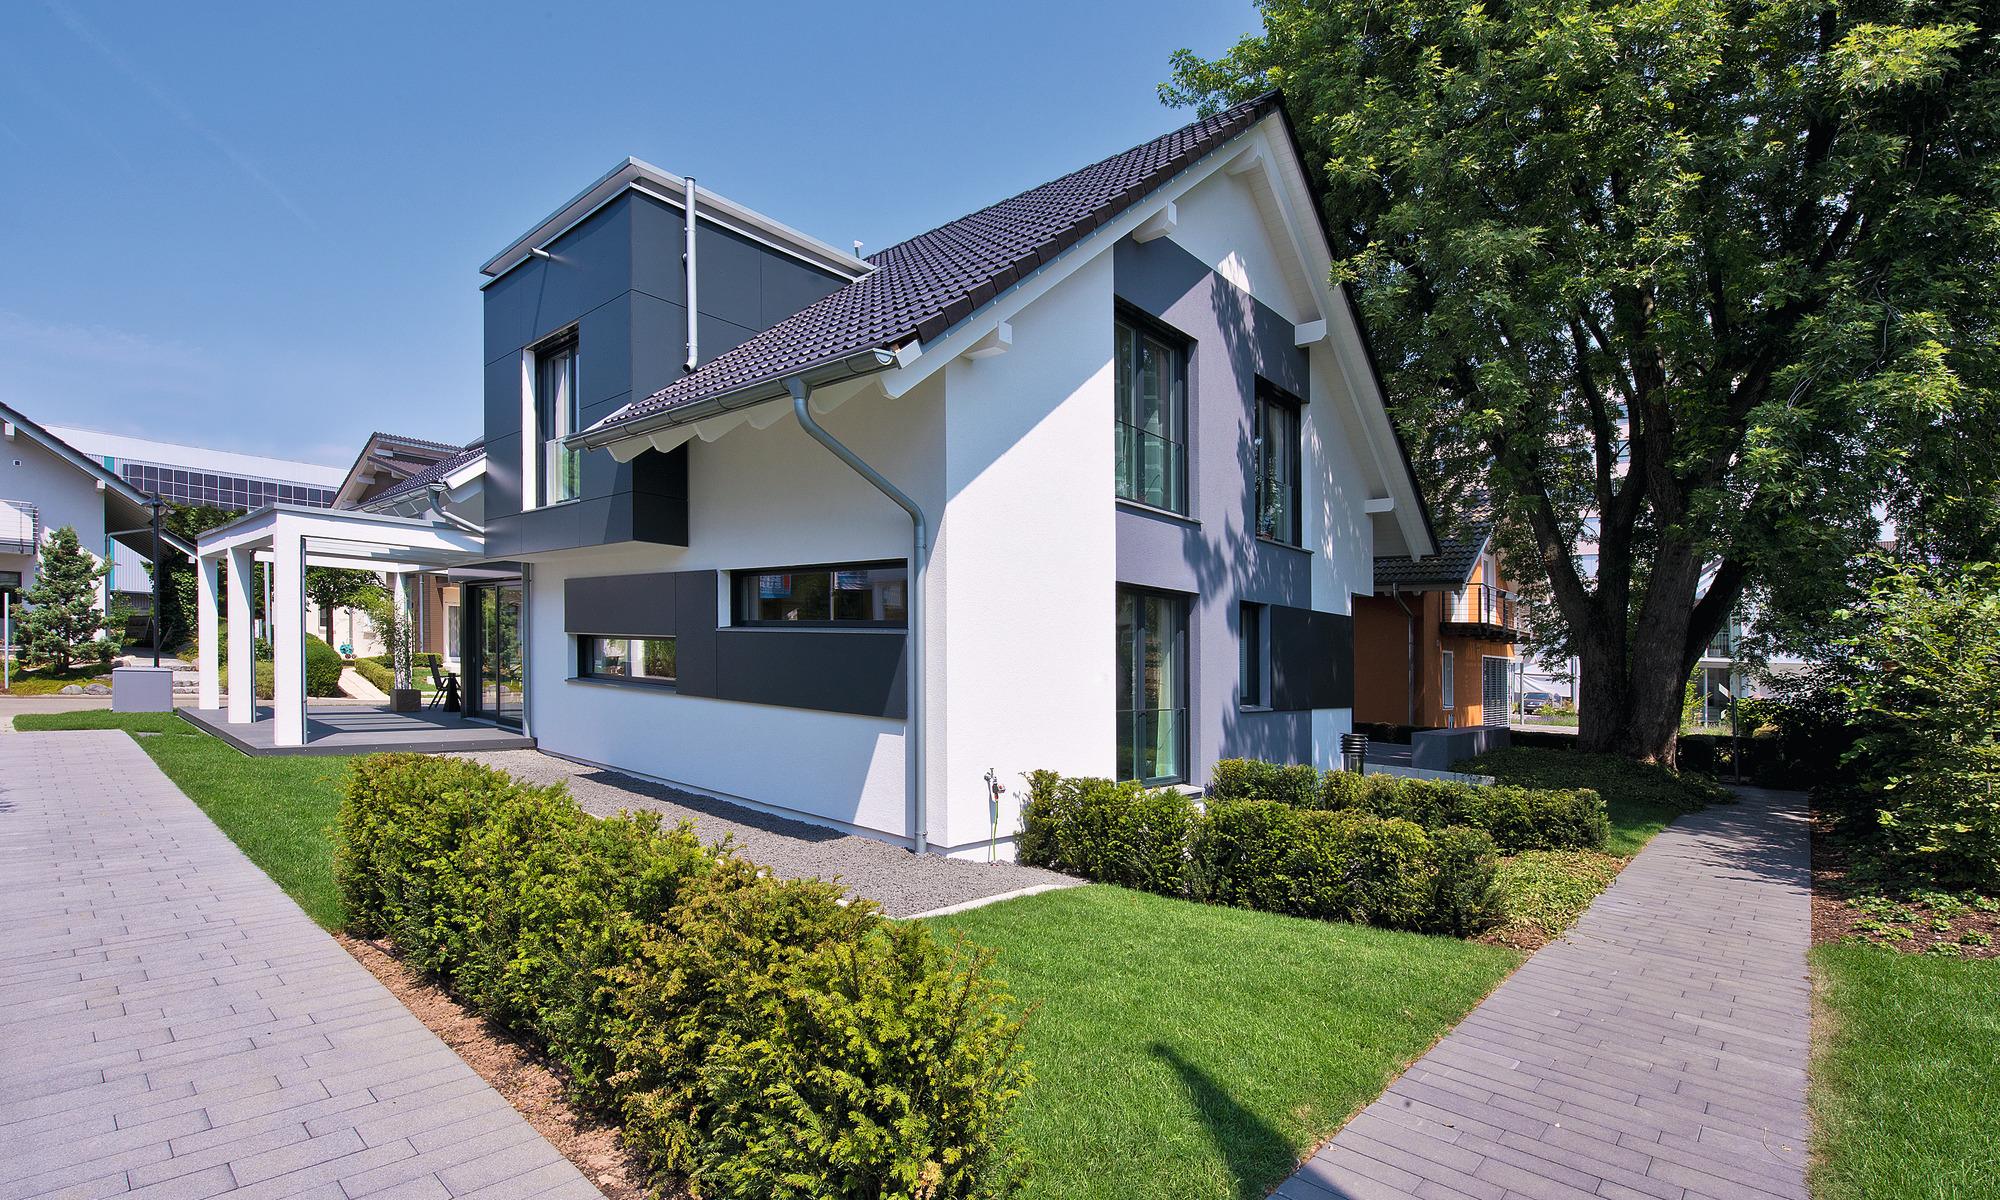 Haus mit Dachgaube